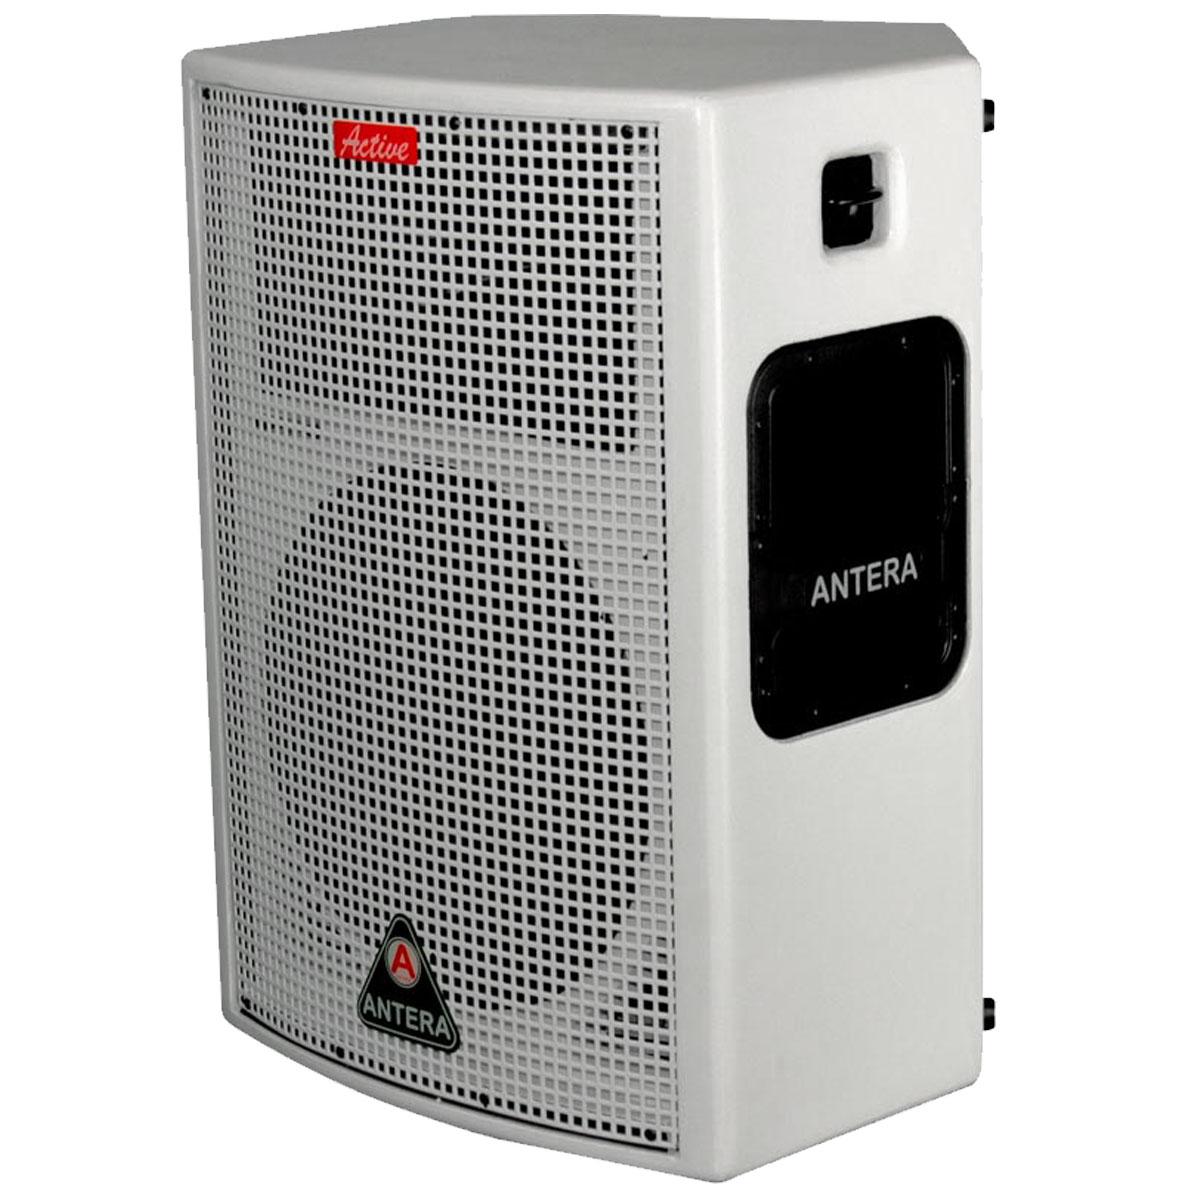 Caixa Ativa Fal 12 Pol 250W PA / Monitor / Fly - TS 500 AX Antera